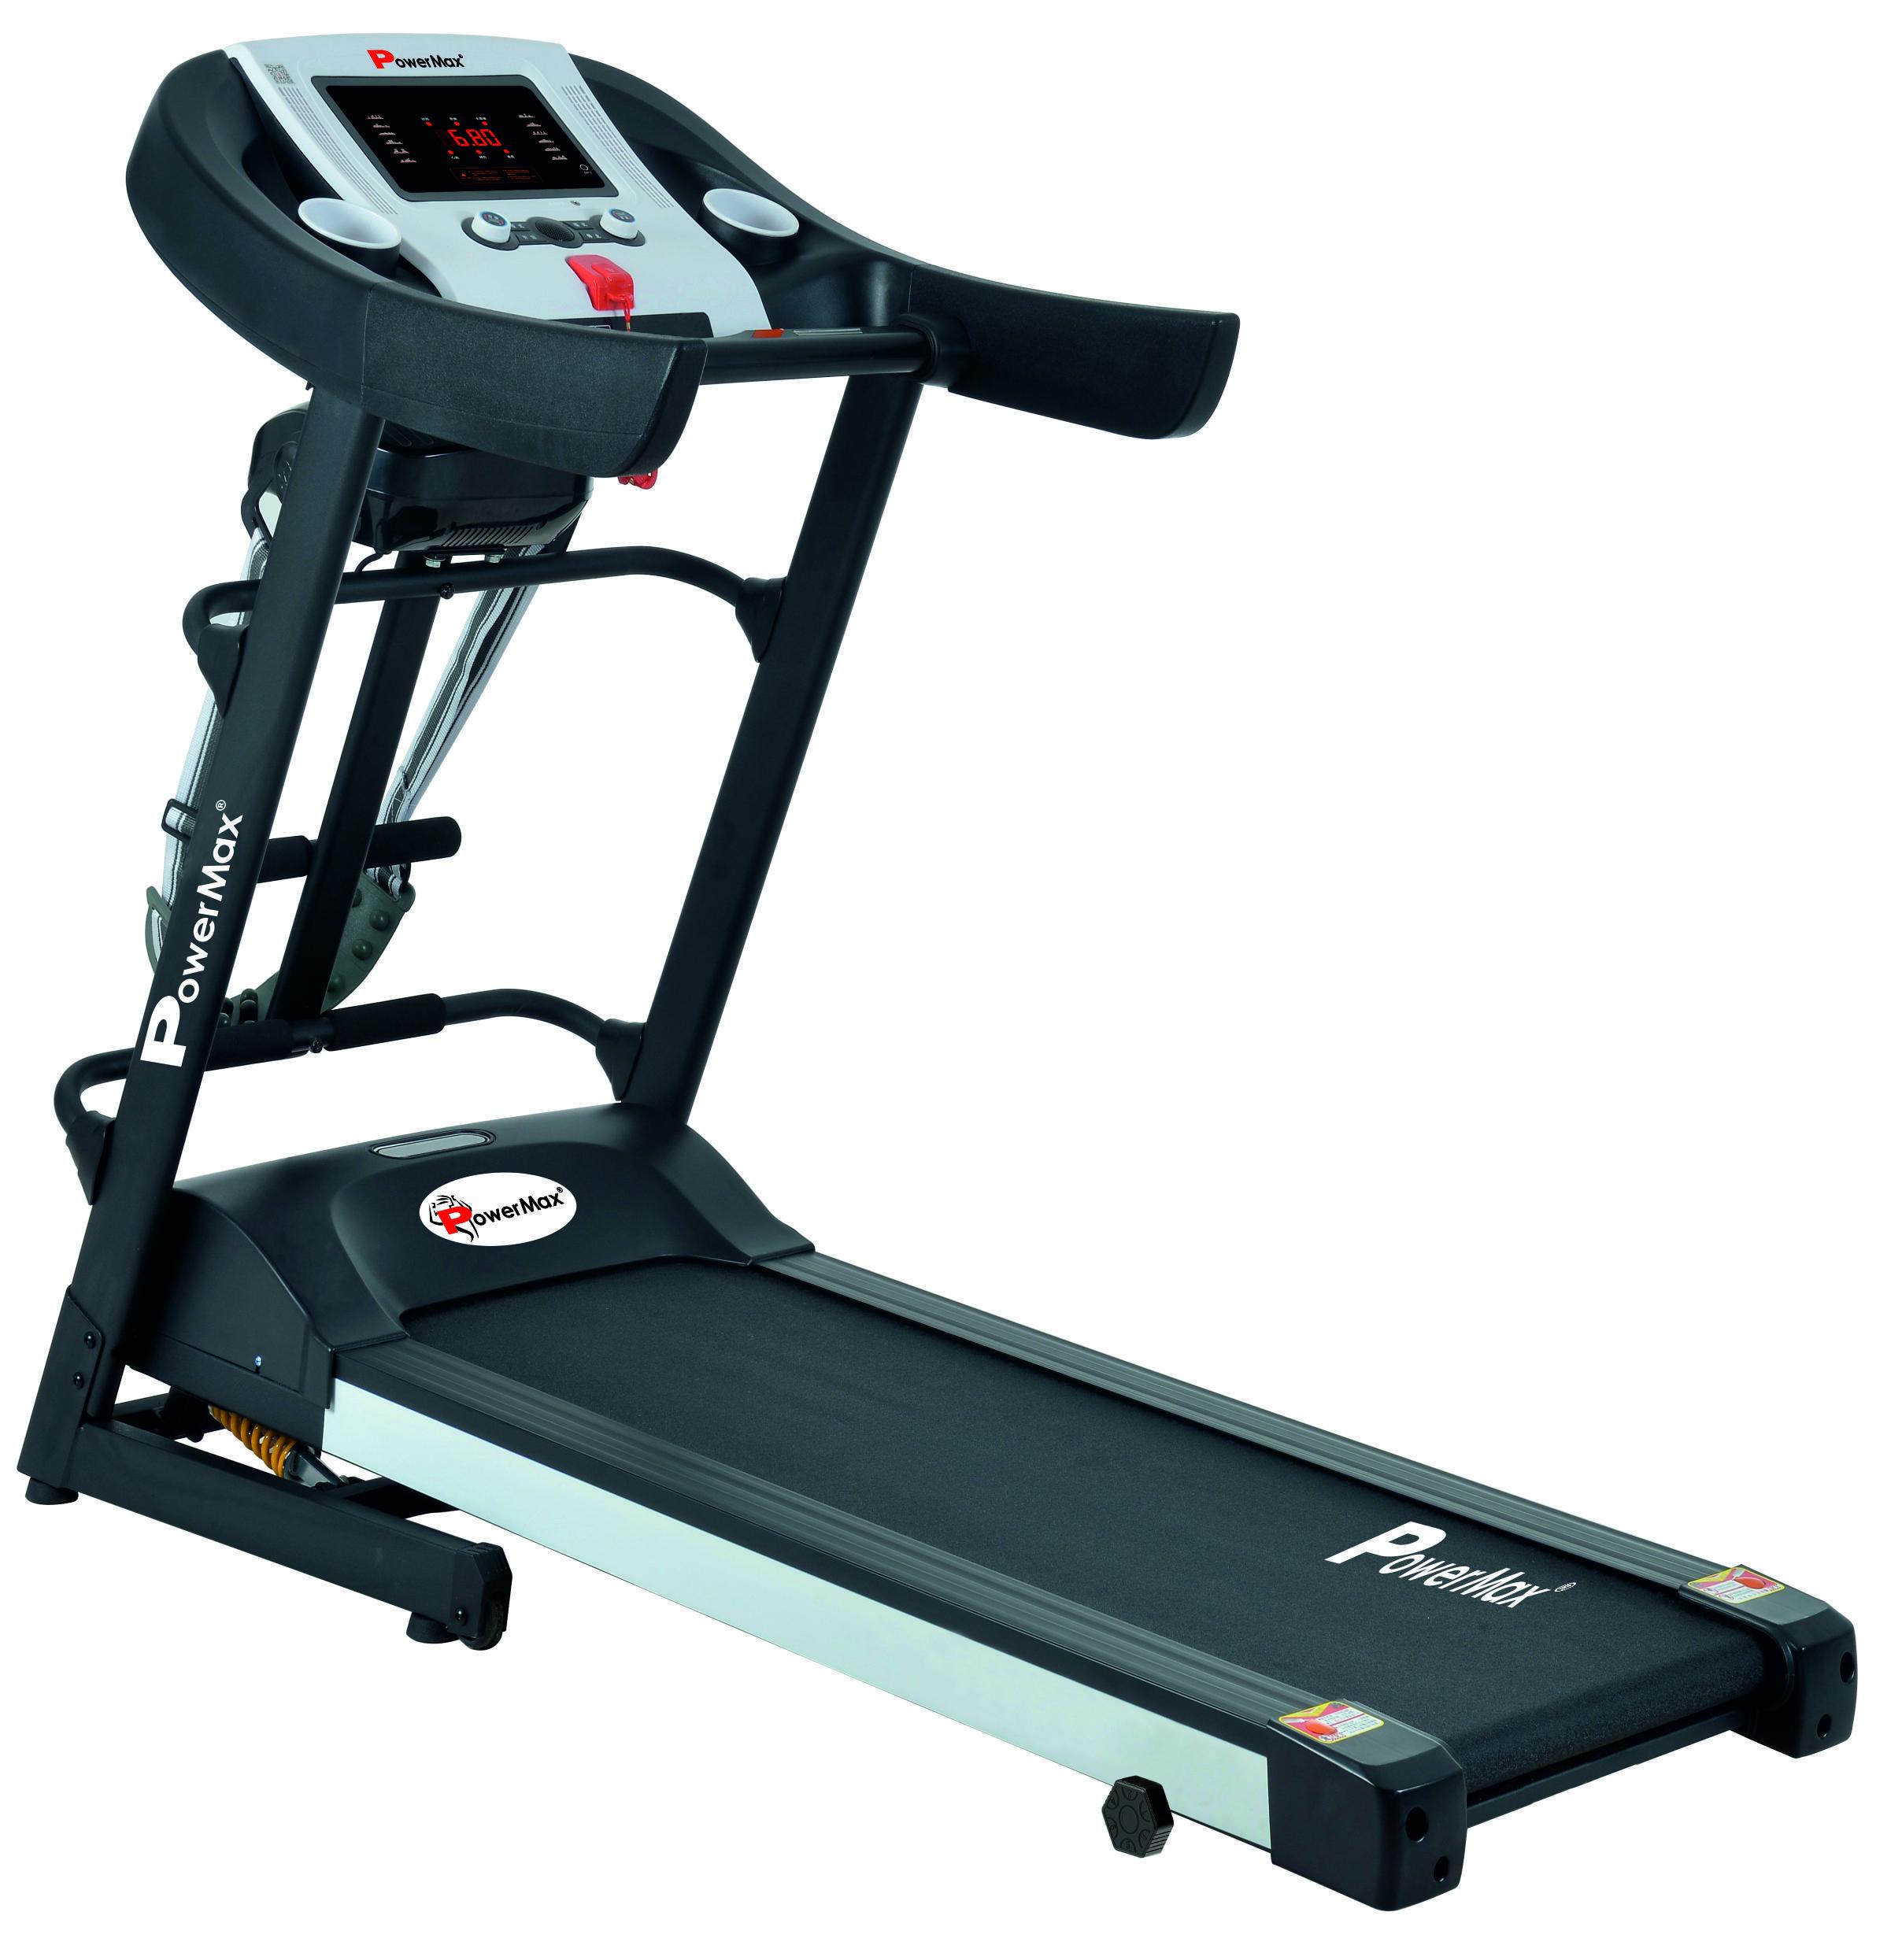 Treadmill By Powermax Fitness India Pvt Ltd On Treadmills Multi Gym Folding Treadmill